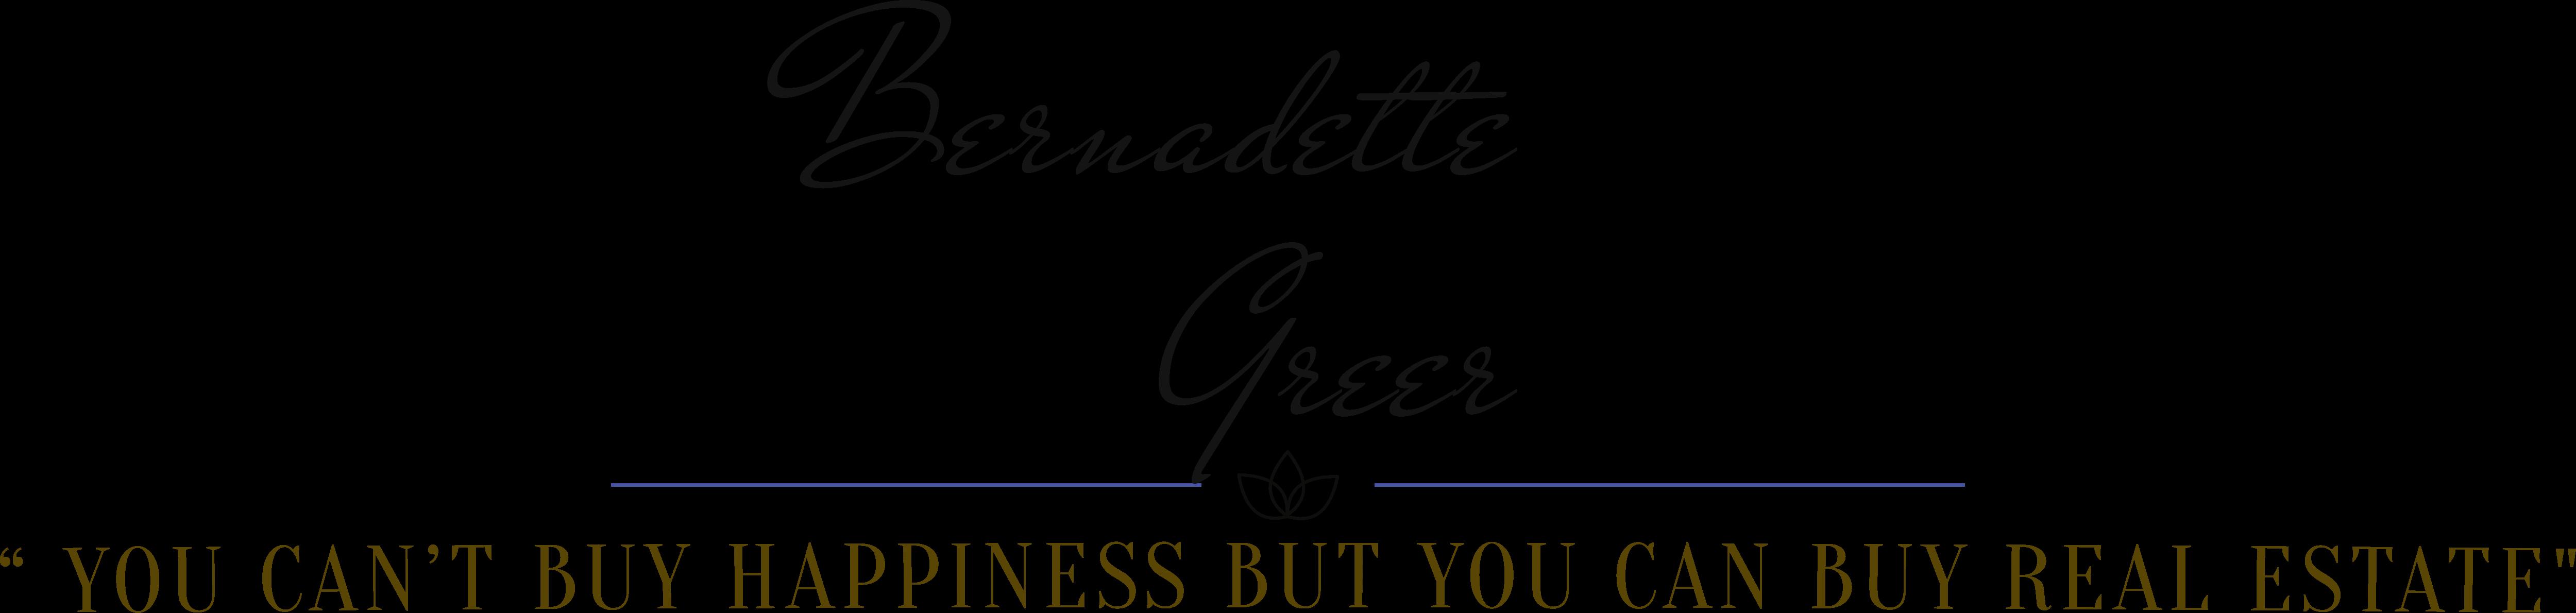 Bernadette Greer